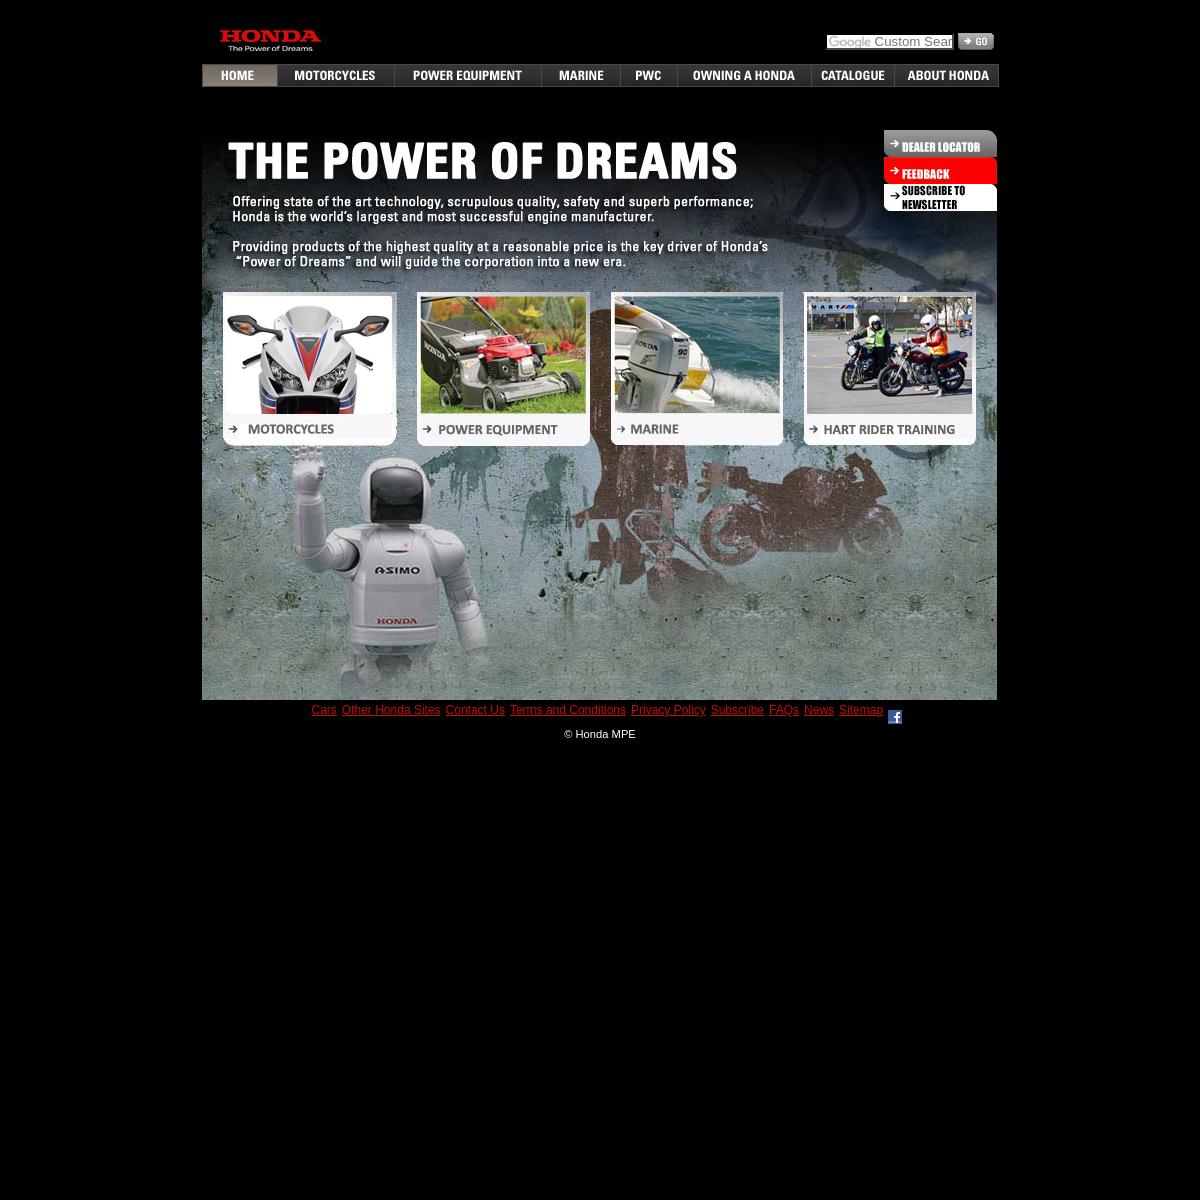 Honda Motorcycles & Power Equipment